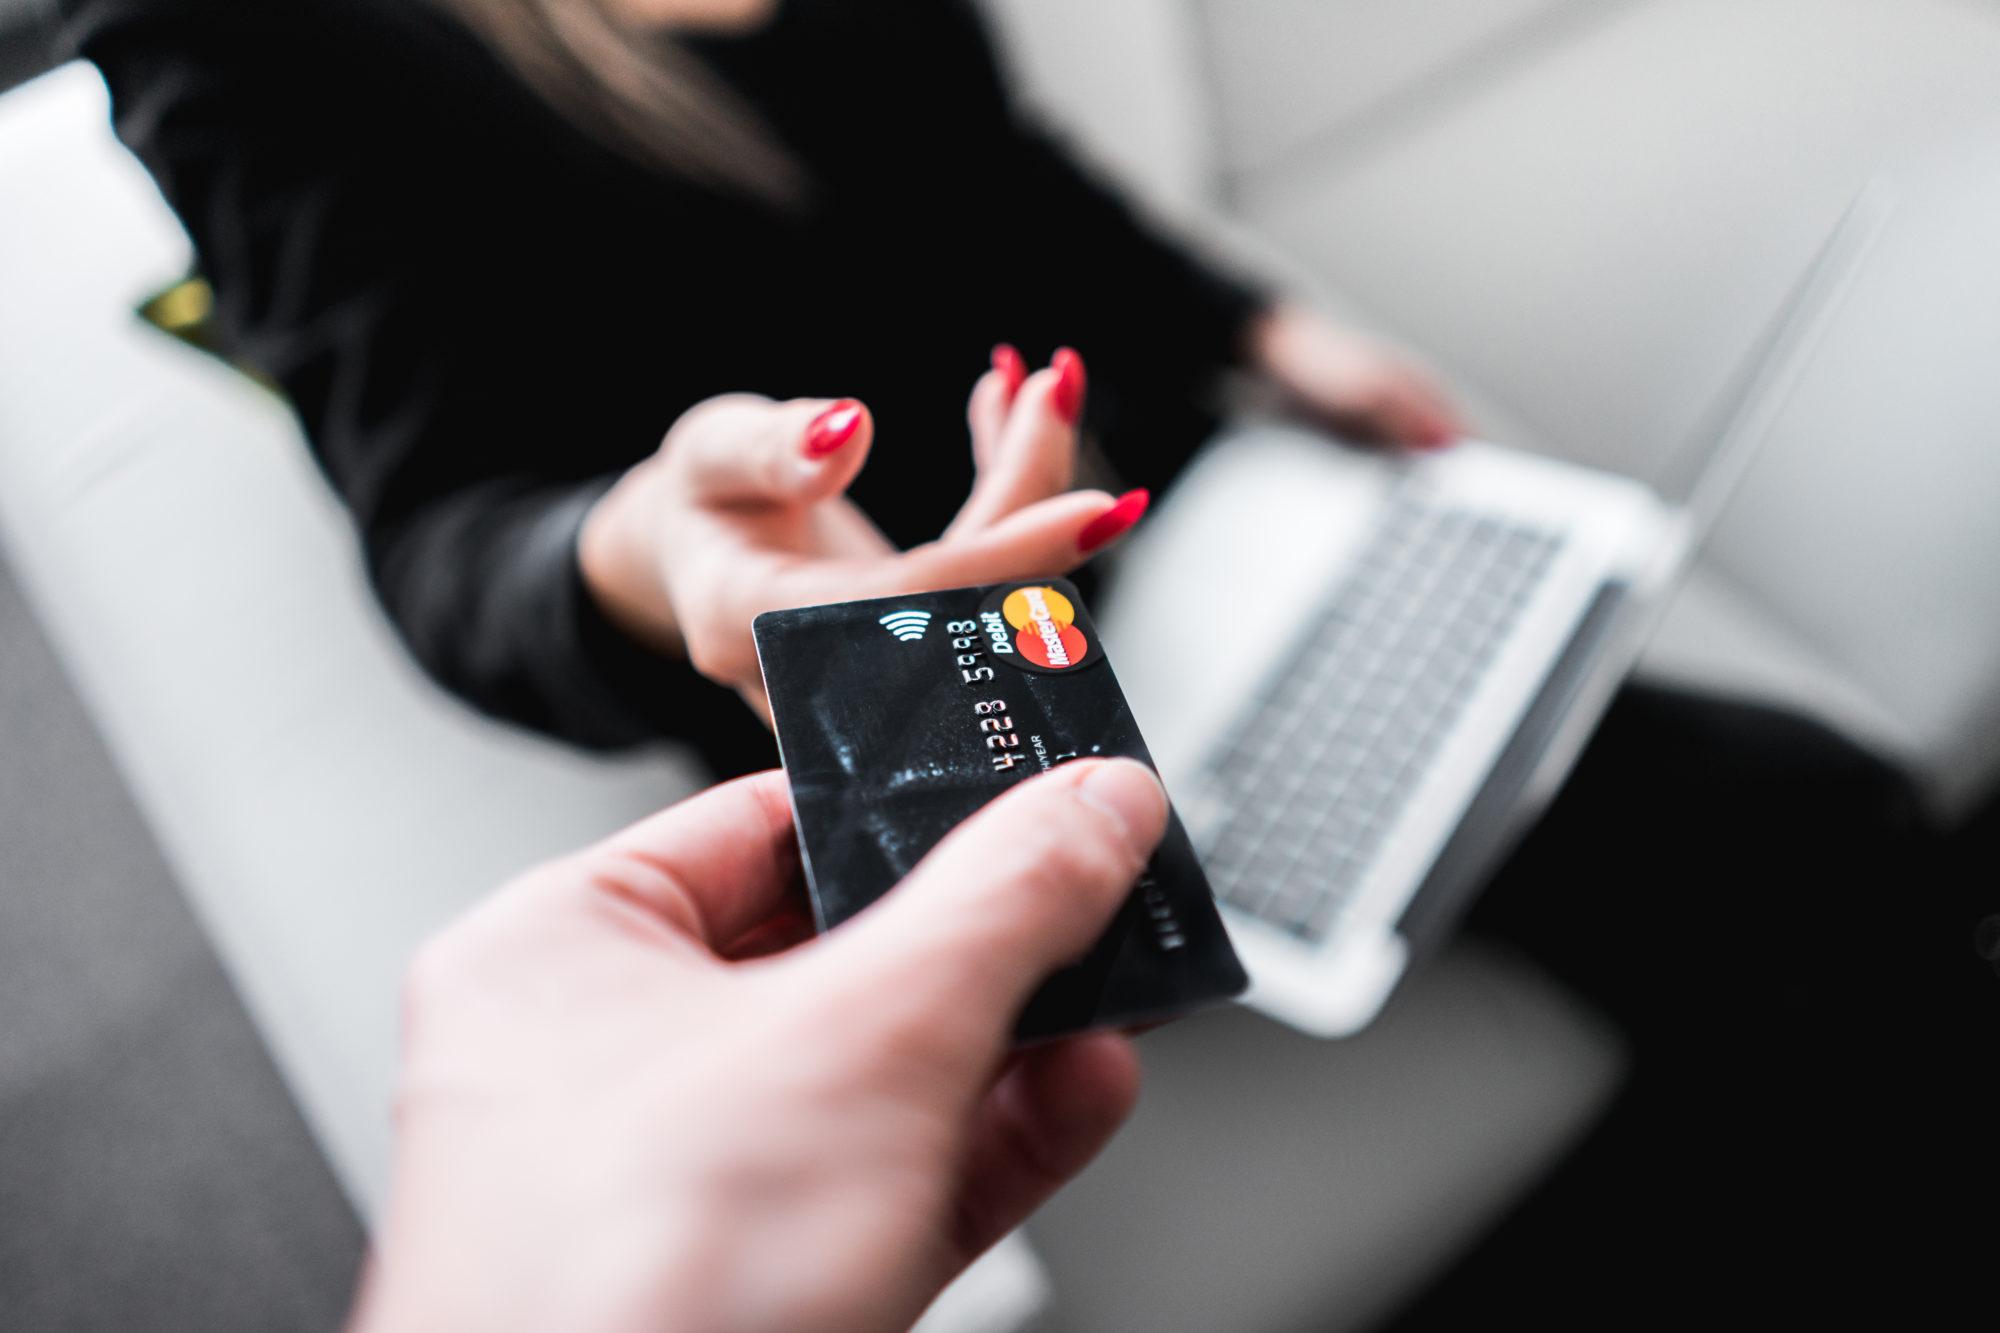 クレジットカードの謎の請求